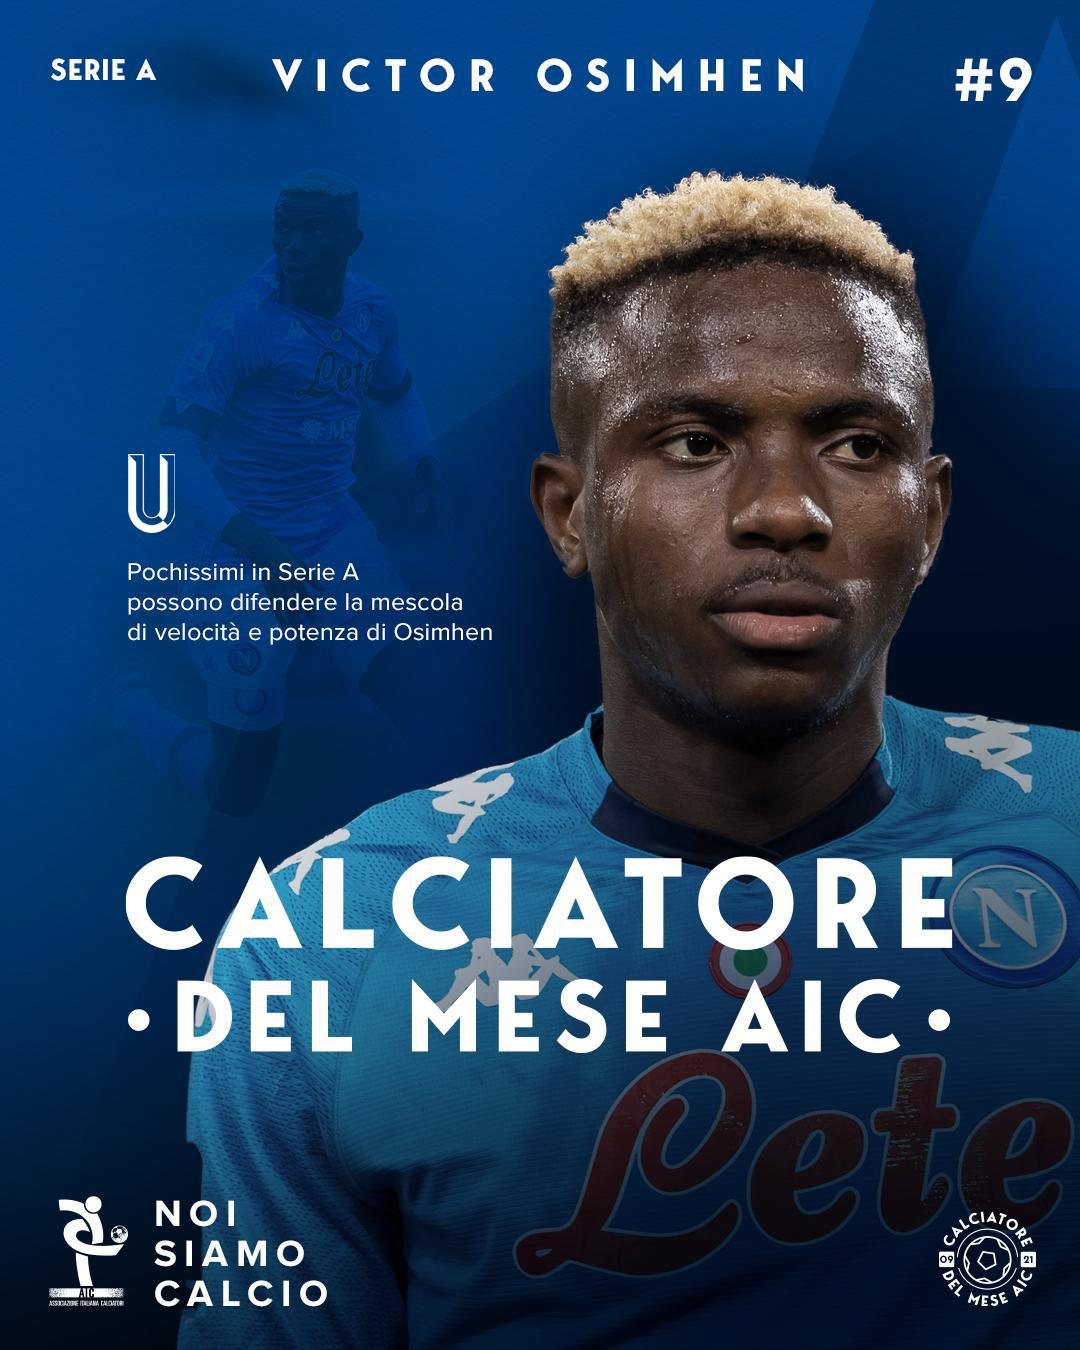 Calciatore del mese AIC settembre '21 Serie A, Victor Osimhen